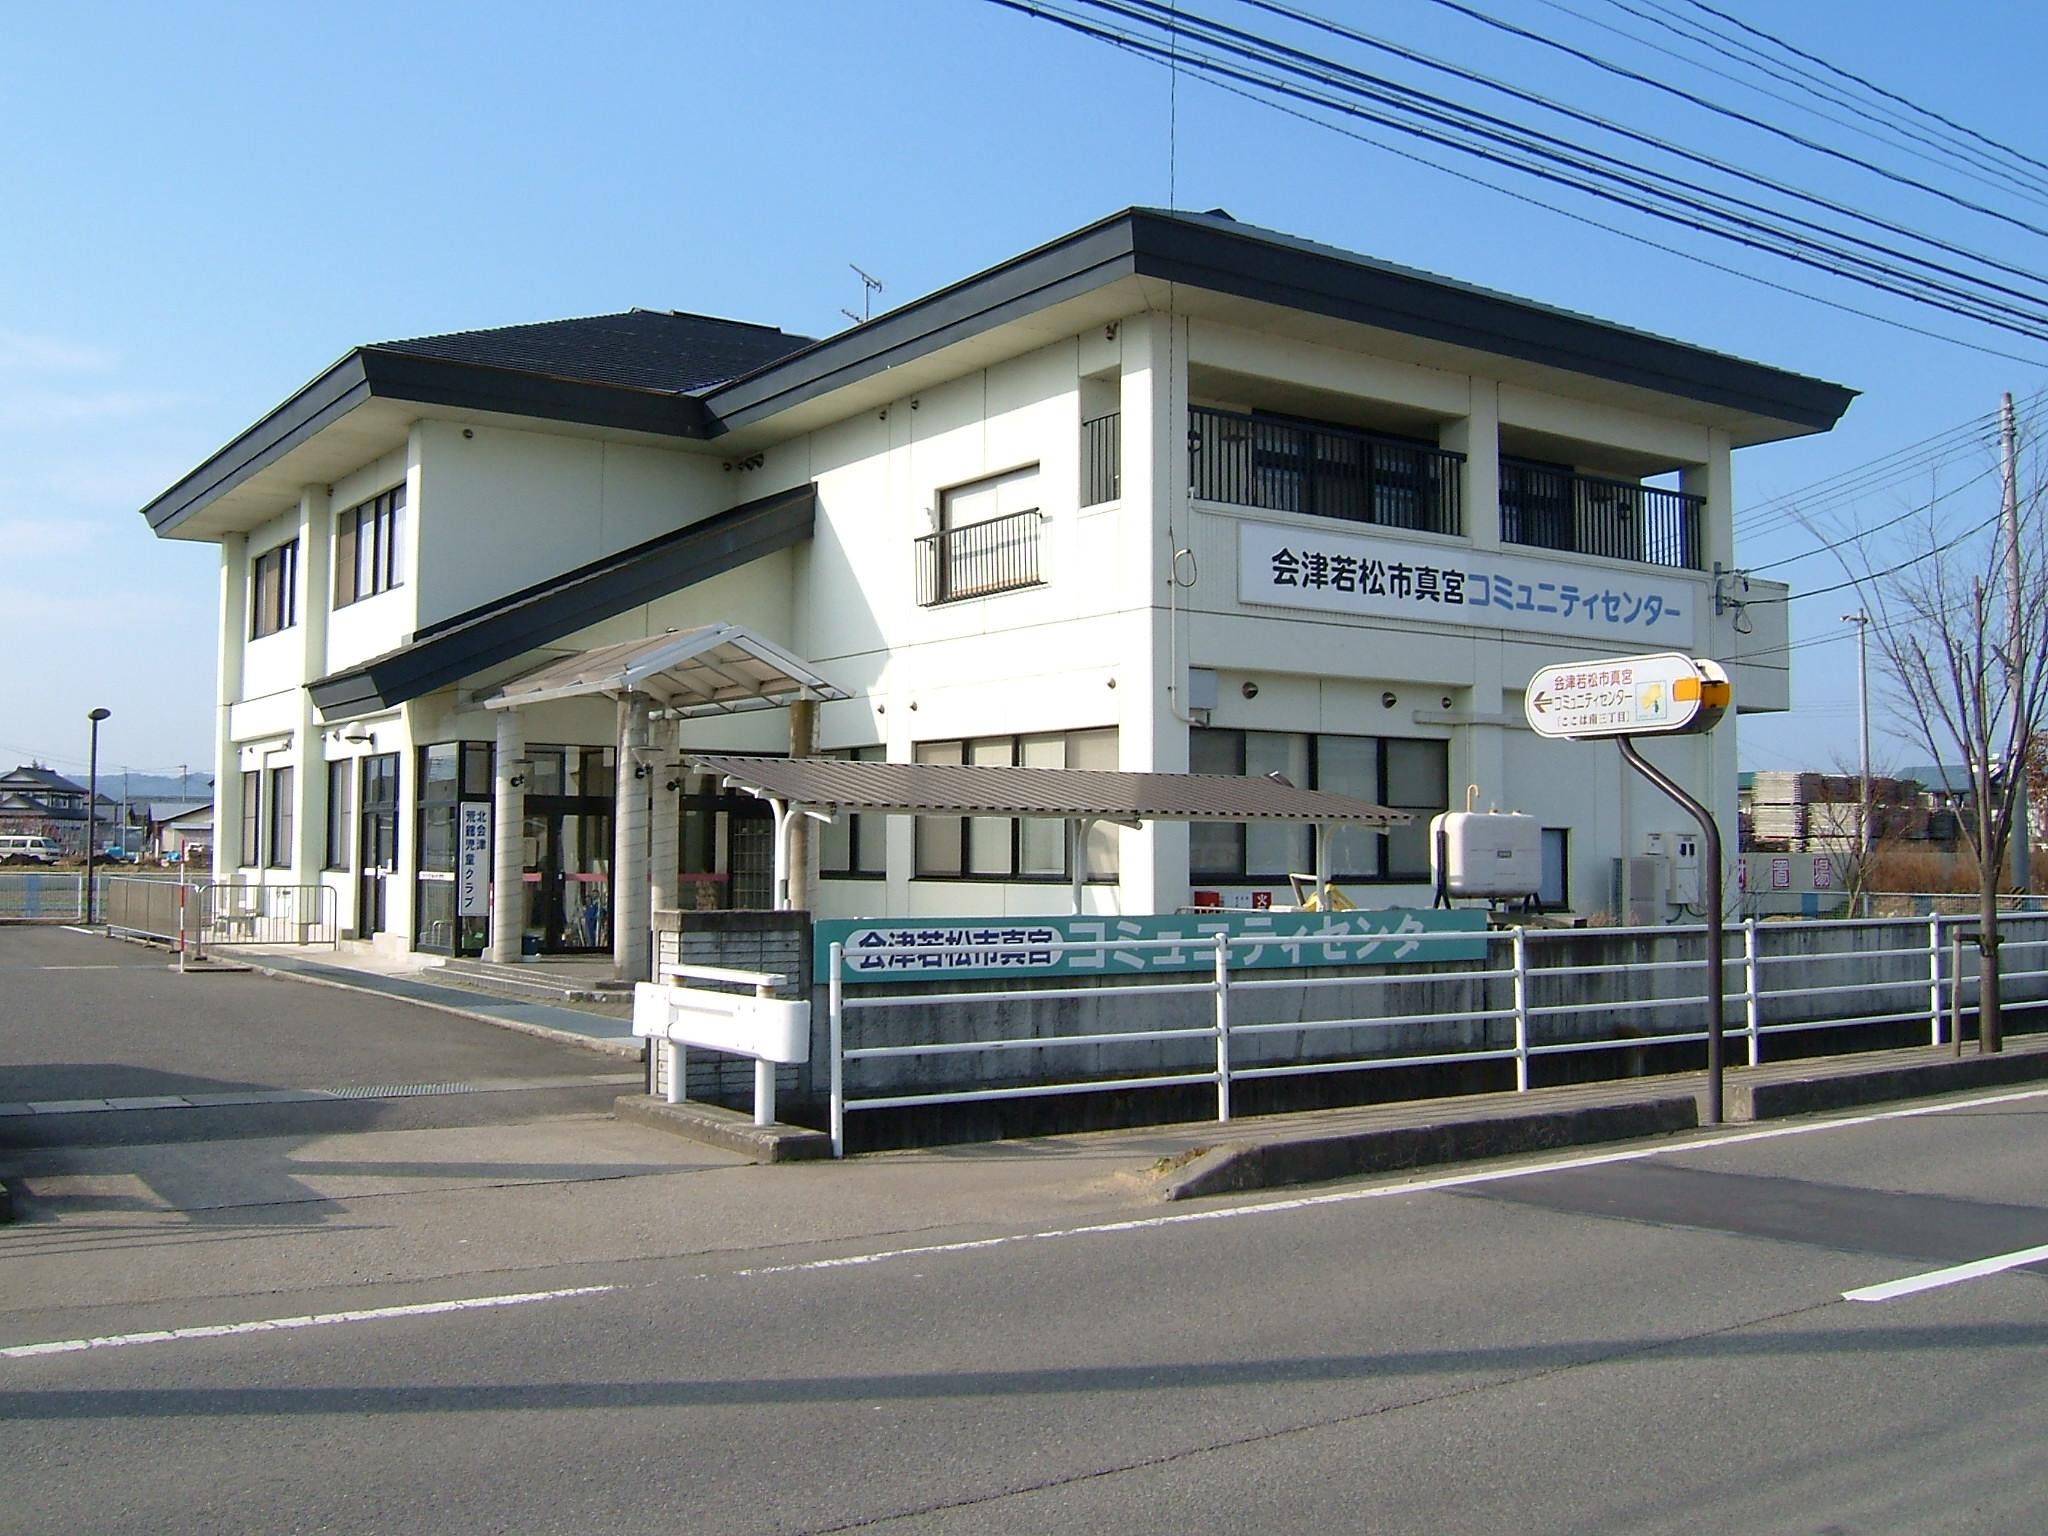 真宮コミュニティセンター